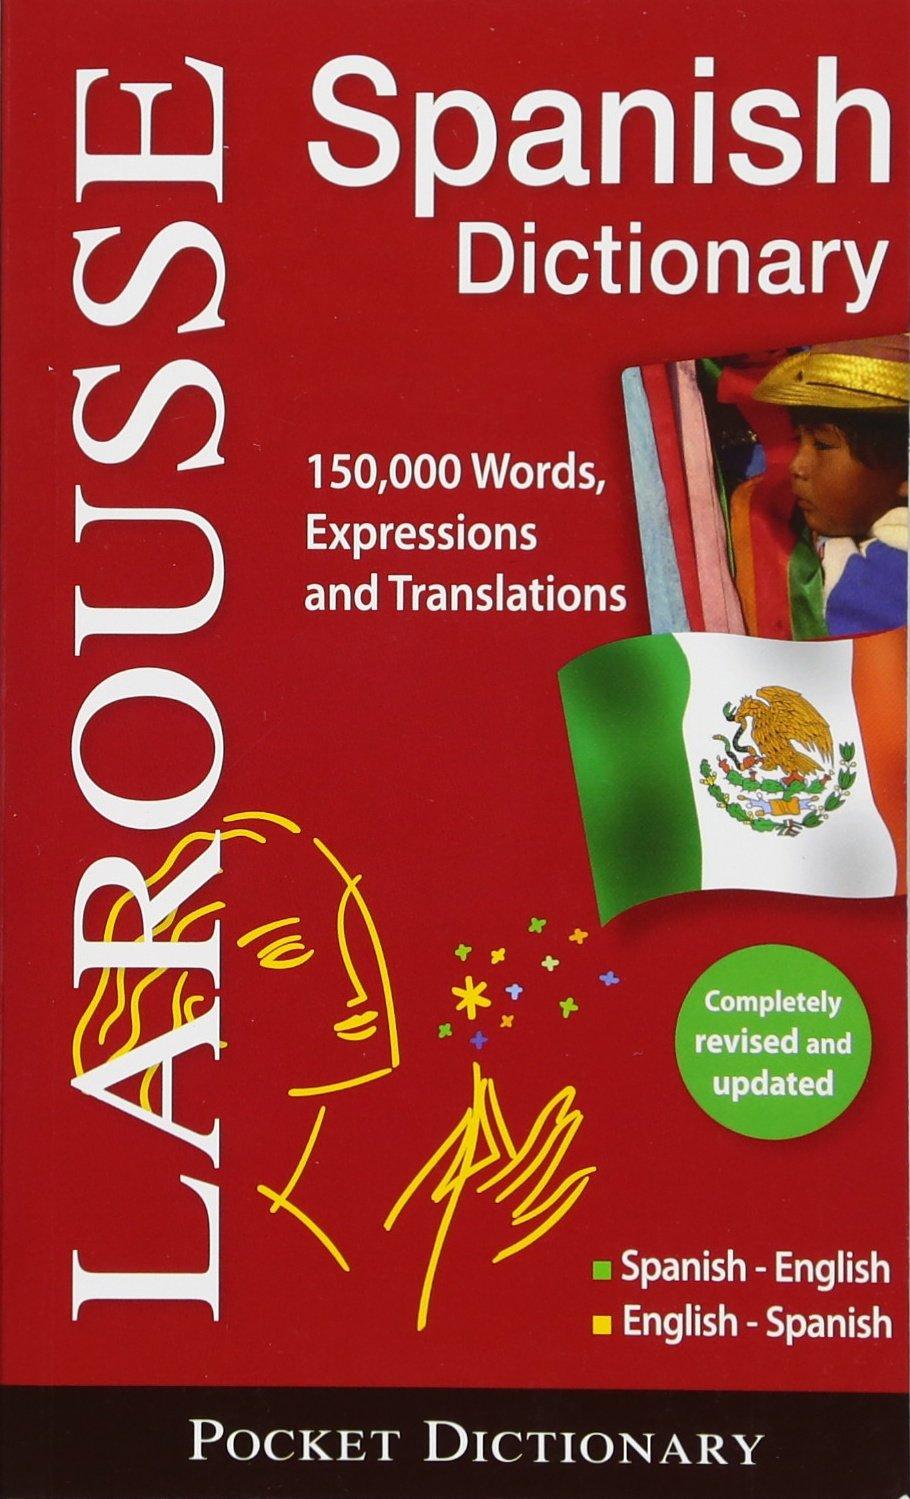 Larousse Pocket Dictionary Spanish-English/English-Spanish: Larousse:  9782035700490: Amazon.com: Books